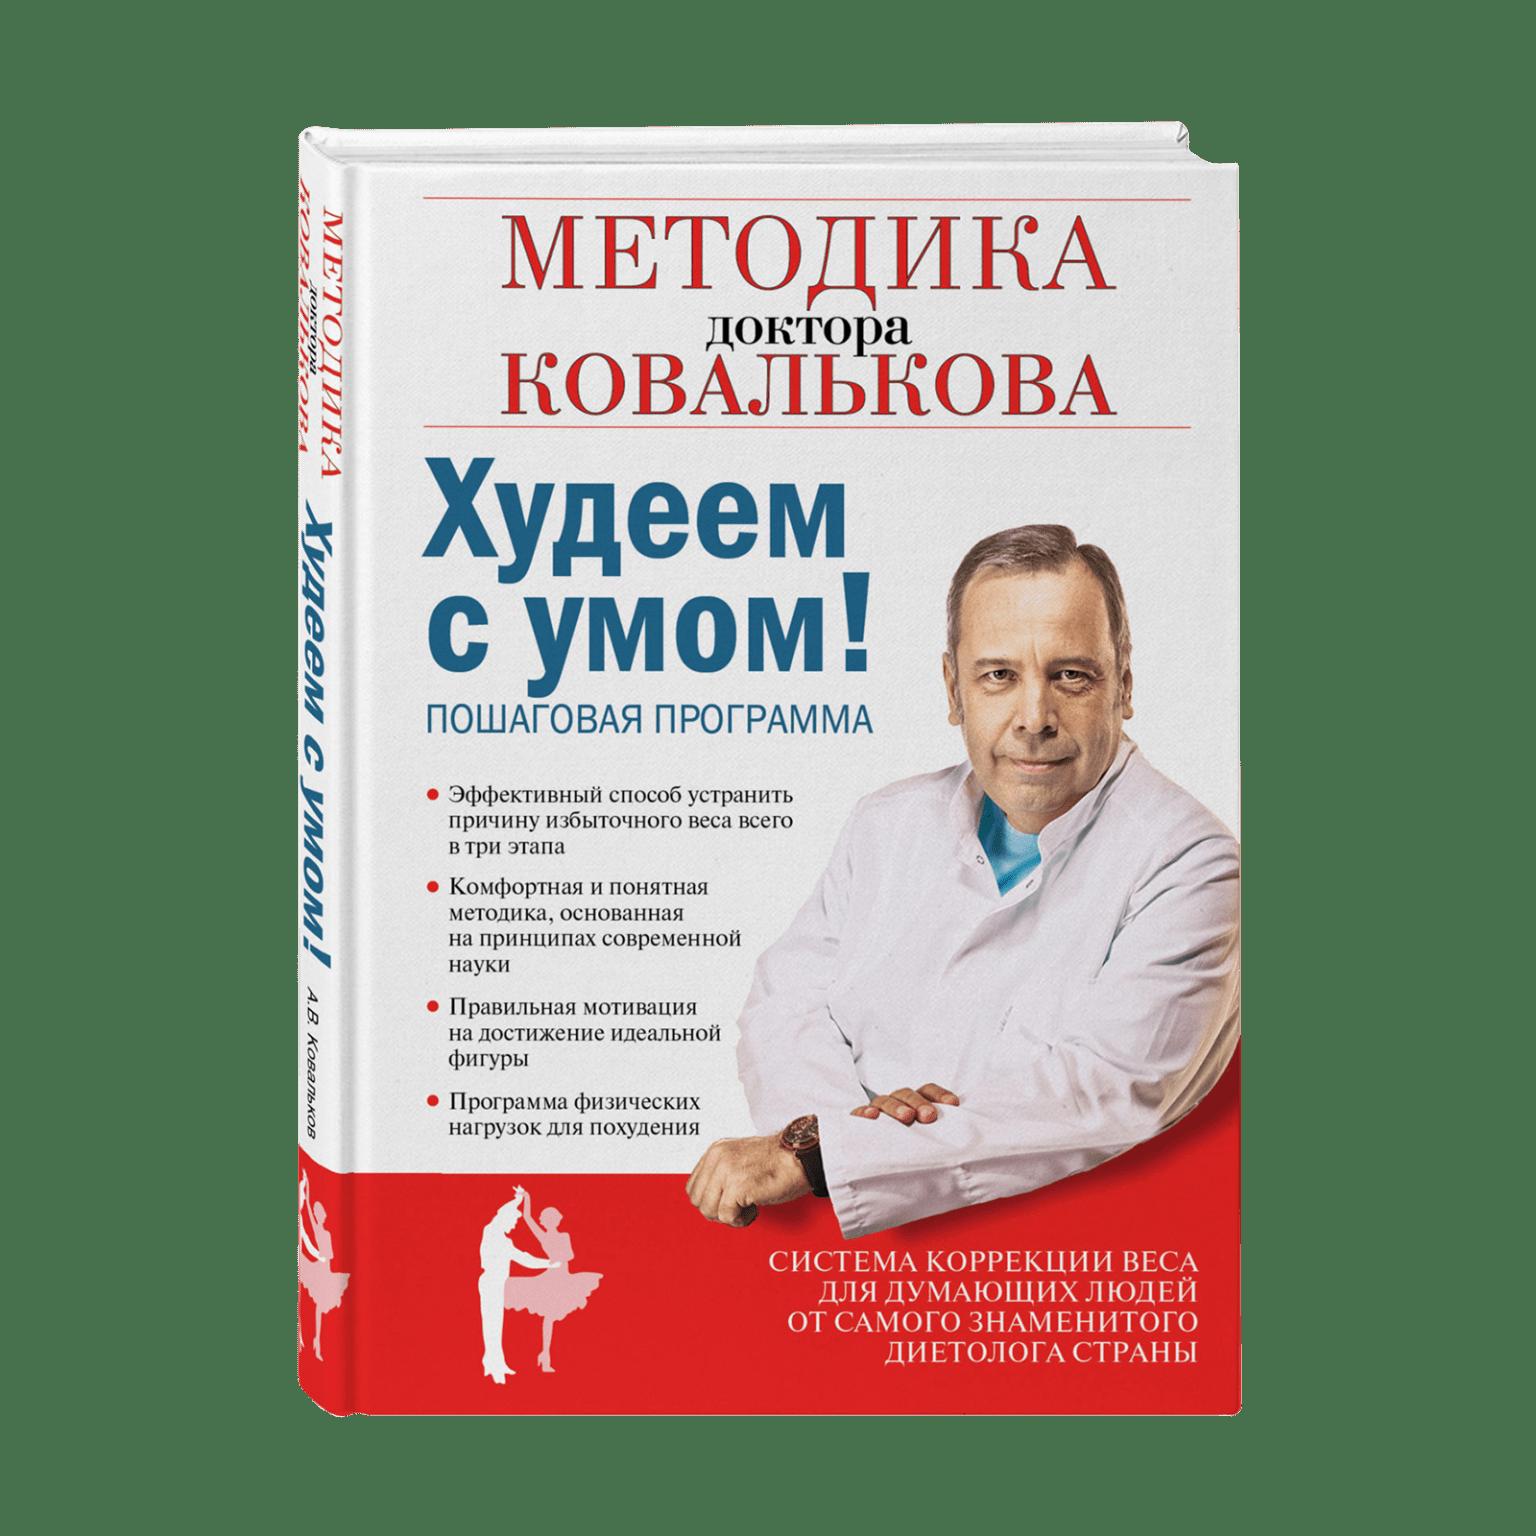 Методика Ковалькова Похудения.